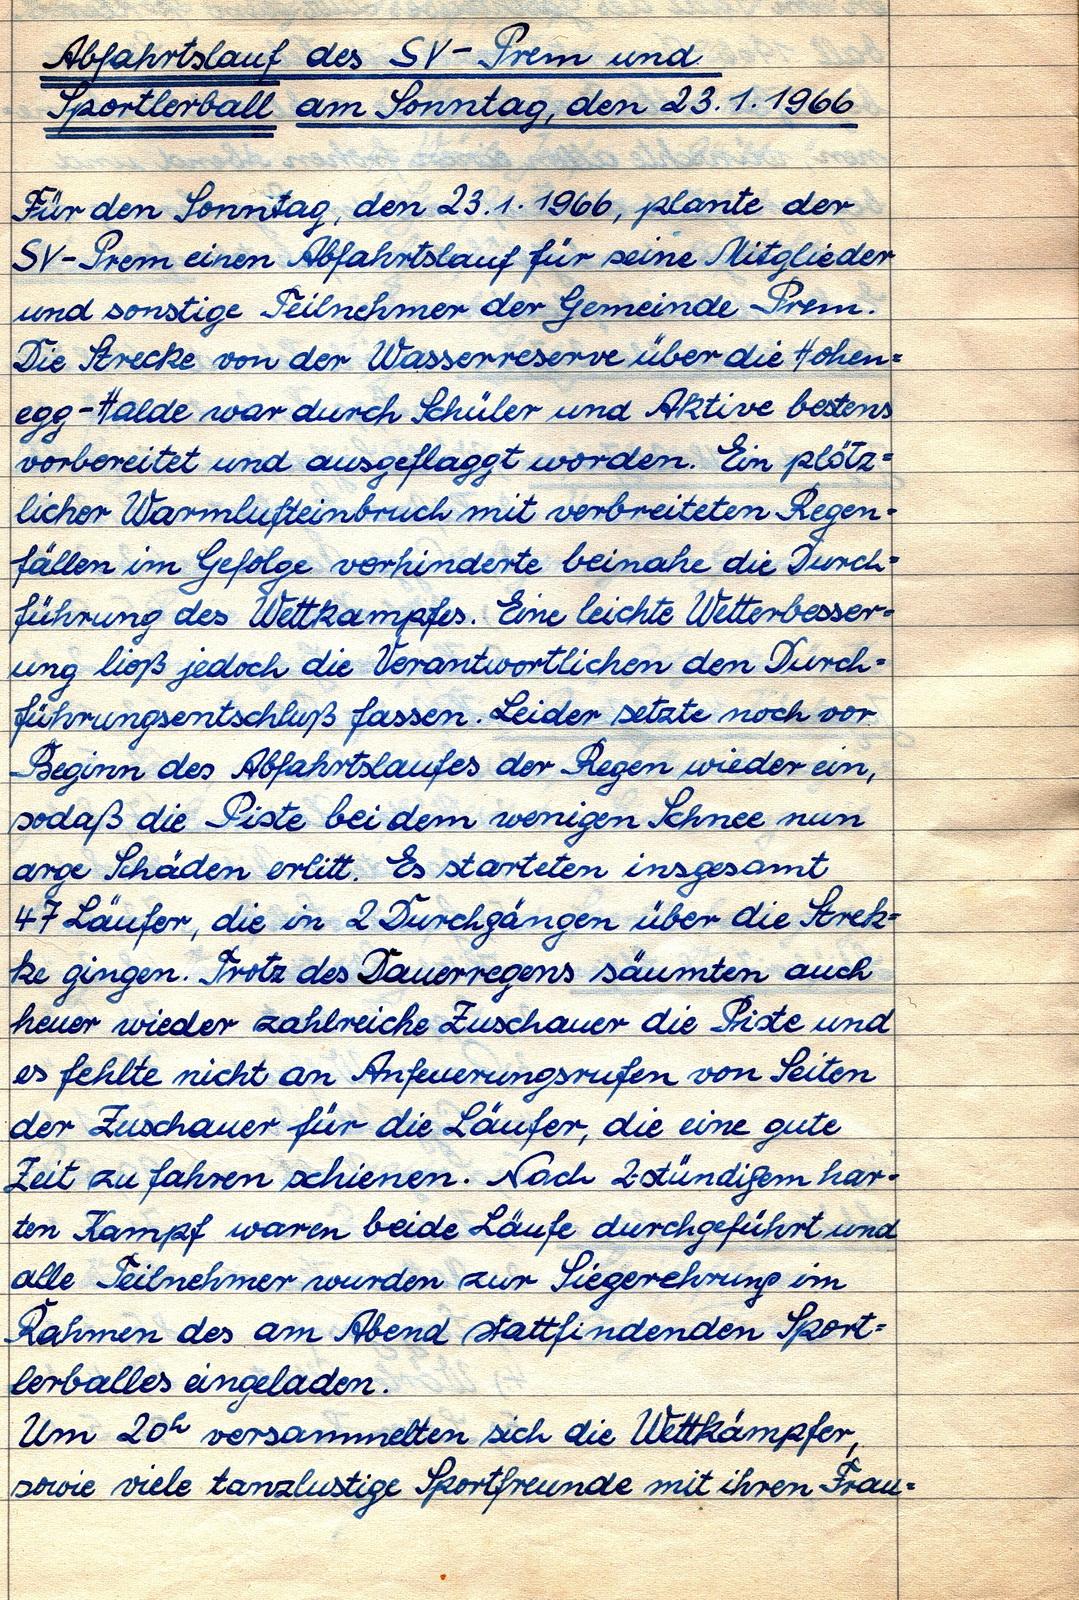 Abfahrtslauf SV Prem und Sportlerball am Sonntag, den 23.01.1966